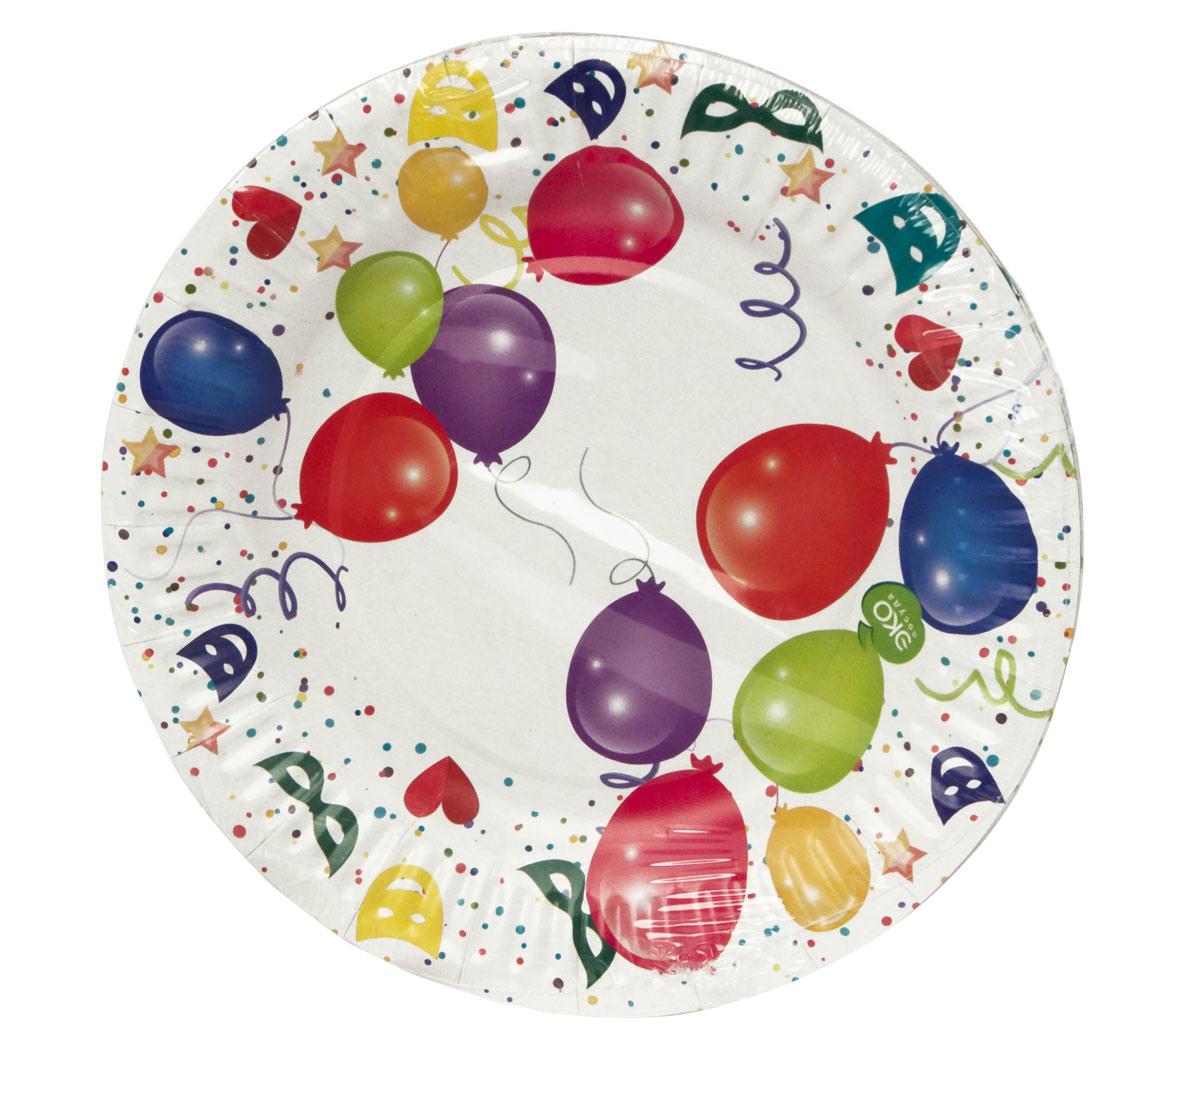 Набор тарелок Paterra Детский праздник, бумажные, диаметр 18 см, 6 штFD-59Набор тарелок Paterra Детский праздник состоит из 6 тарелок и предназначен для украшения и сервировки праздничного стола к детскому празднику. Пригодны для горячих блюд. Тарелки прочные, благодаря качеству и высокой плотности используемой при их изготовлении бумаги.Тарелки Paterra Детский праздник декорированы ярким дизайном. Они украсят любой детский праздник.Диаметр тарелки: 18 см.Количество в упаковке: 6 шт.